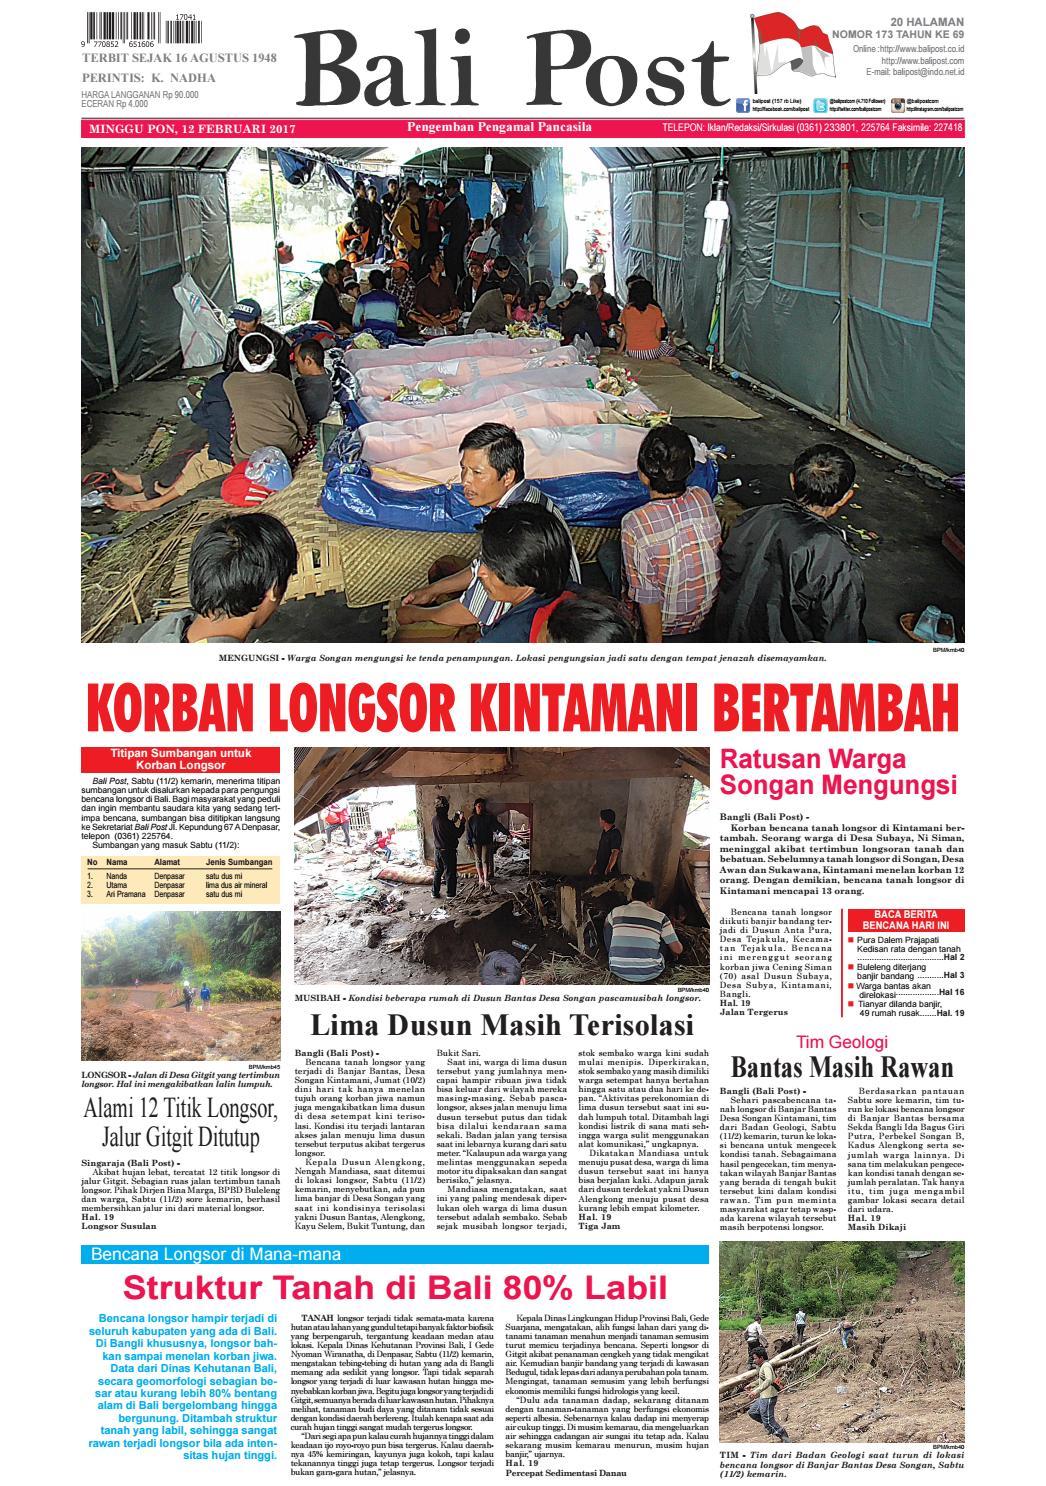 Edisi 12 Februari 2017 Balipostcom By E Paper KMB Issuu